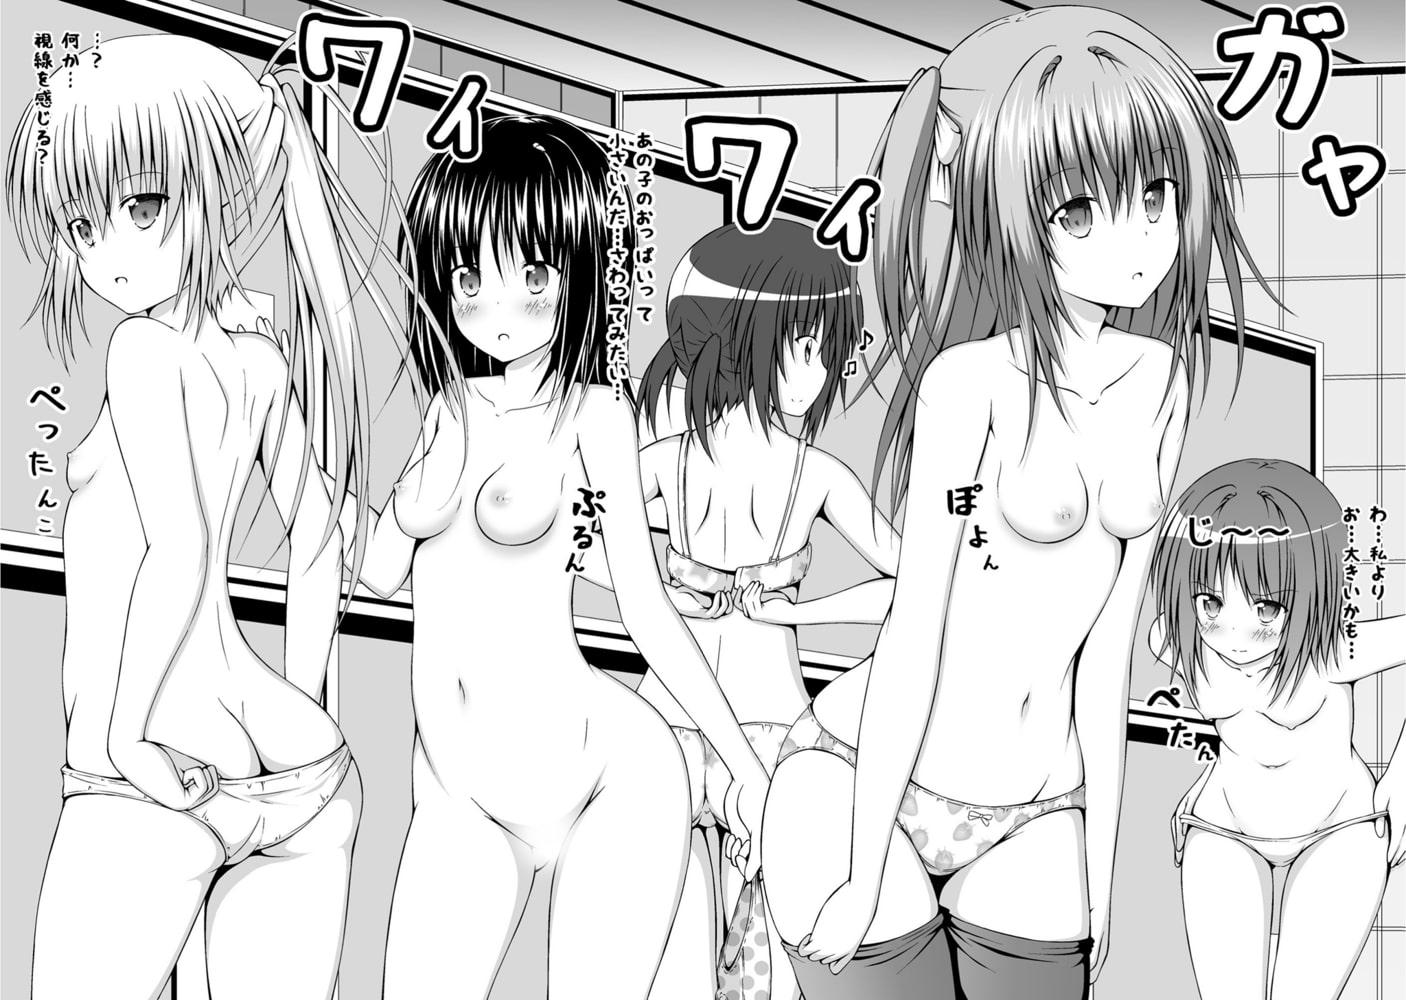 ゆりメイト! 百合姉妹とおっぱいライフ(2)